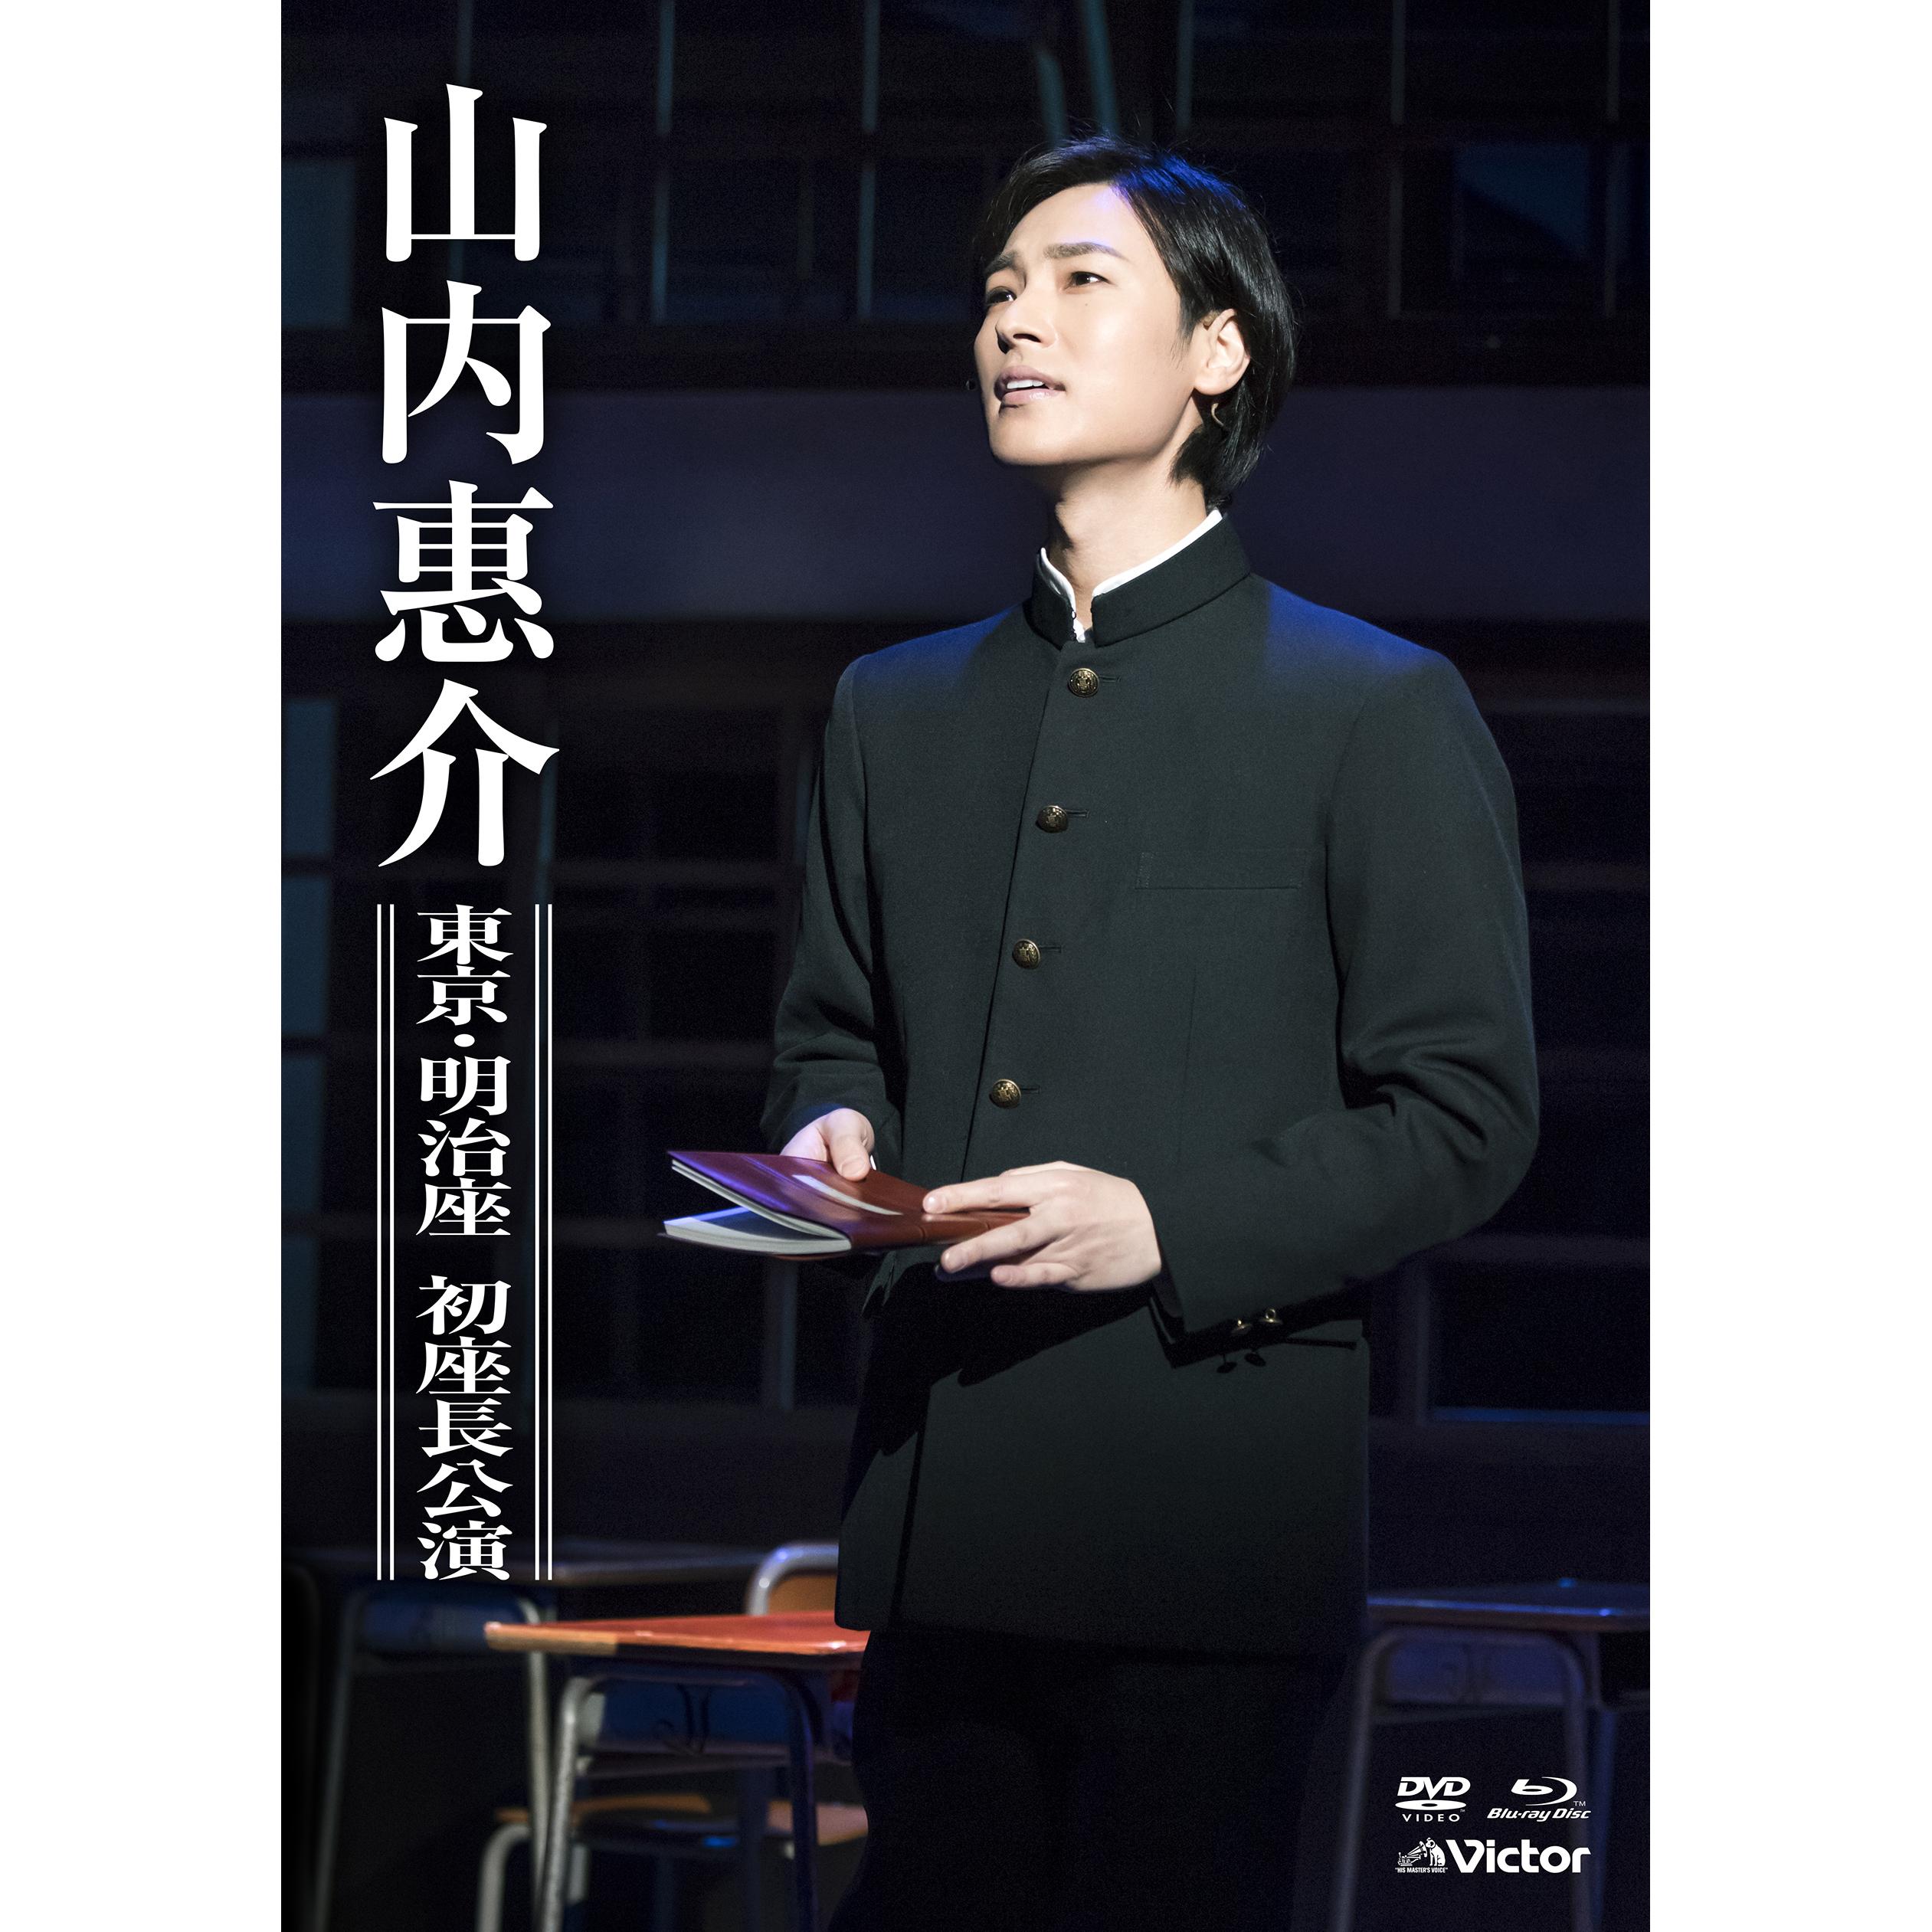 東京・明治座 初座長公演